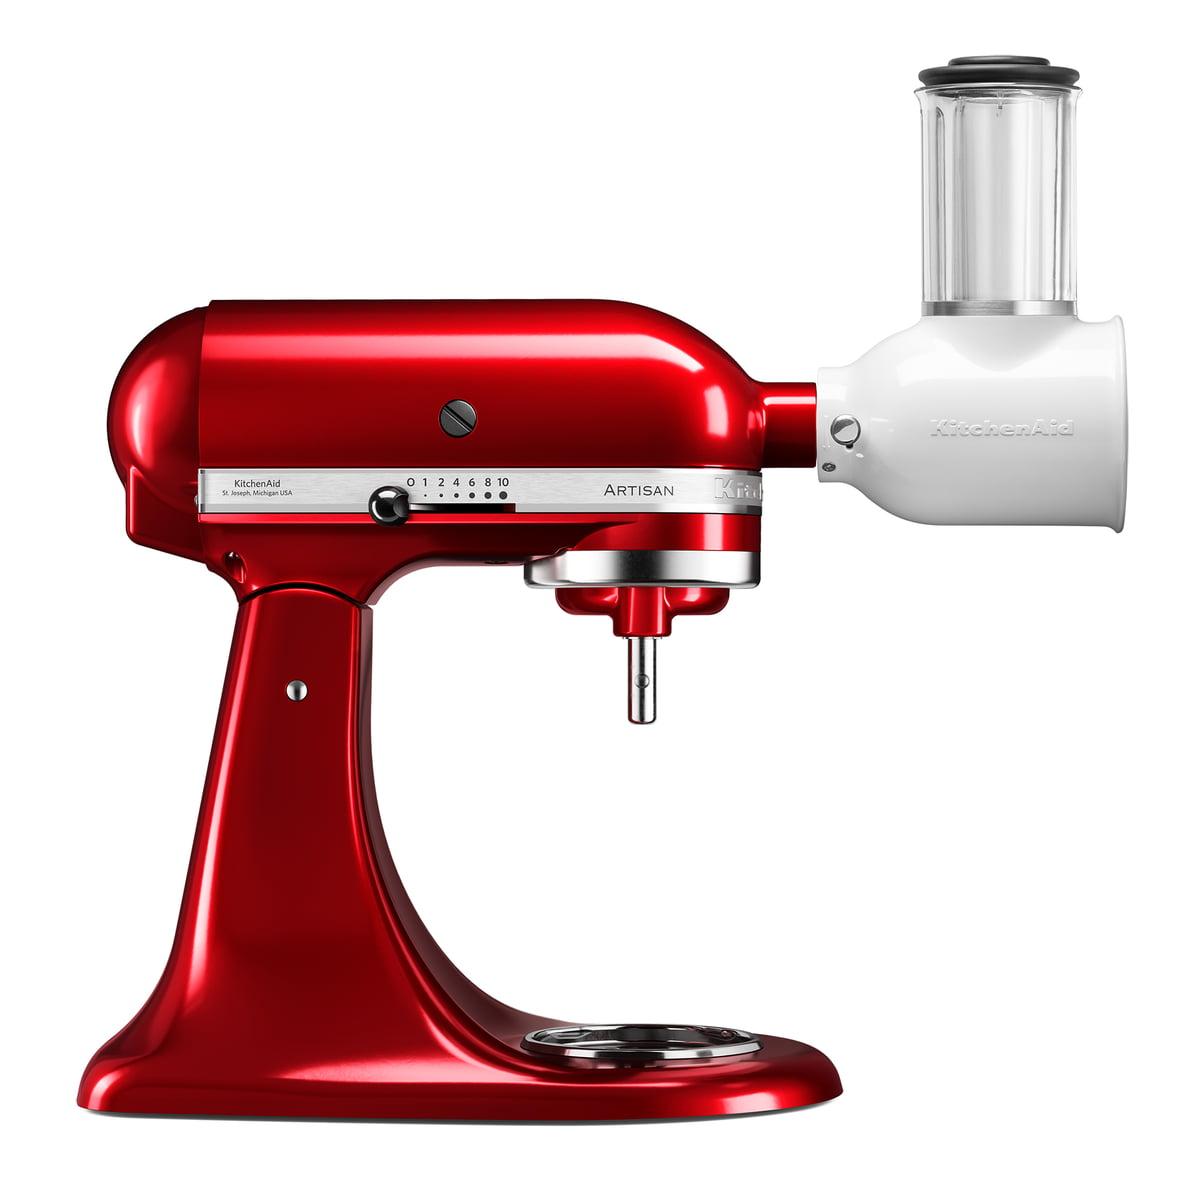 KitchenAid - Artisan Küchenmaschine 4.8 l, Veggi Set, empire rot | Küche und Esszimmer > Küchengeräte > Rührgeräte und Mixer | Kitchen Aid